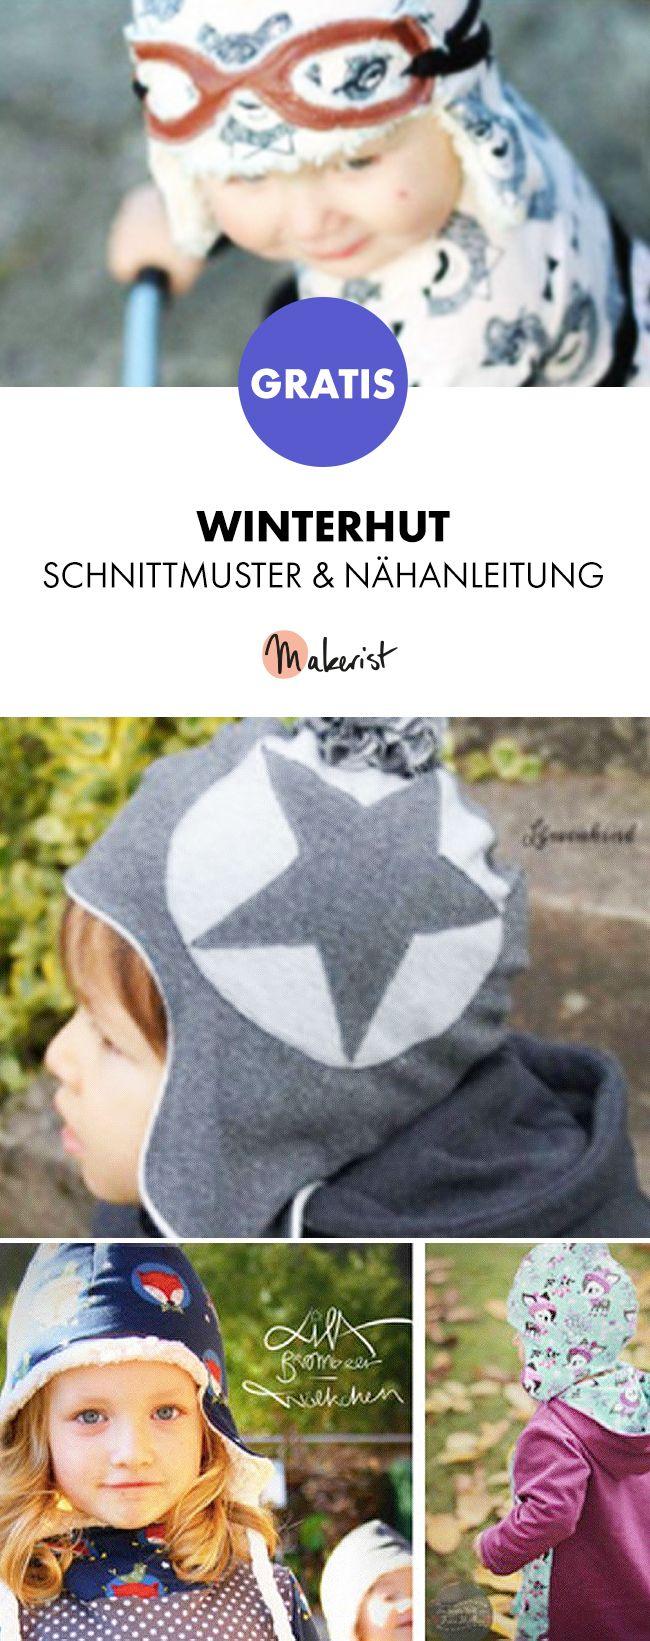 272 besten Nähprojekte Bilder auf Pinterest | Baby nähen, Babys und ...